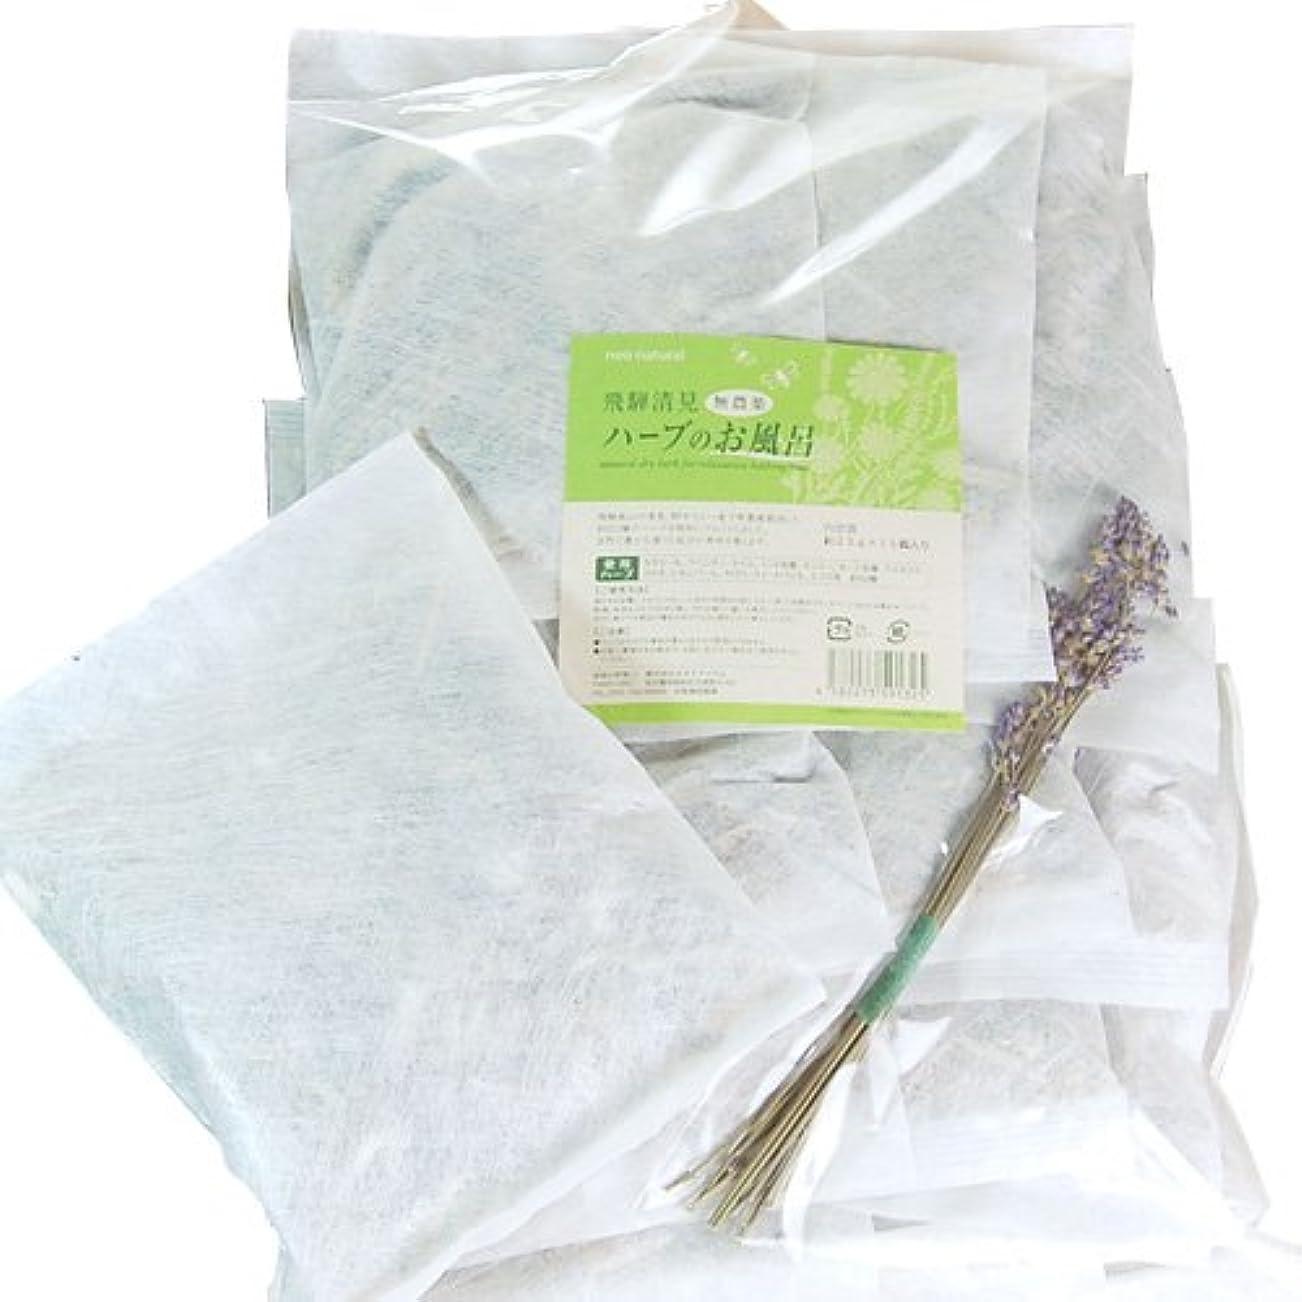 ベストマトンお香ネオナチュラル 飛騨清見ハーブのお風呂(入浴剤) 23g×10